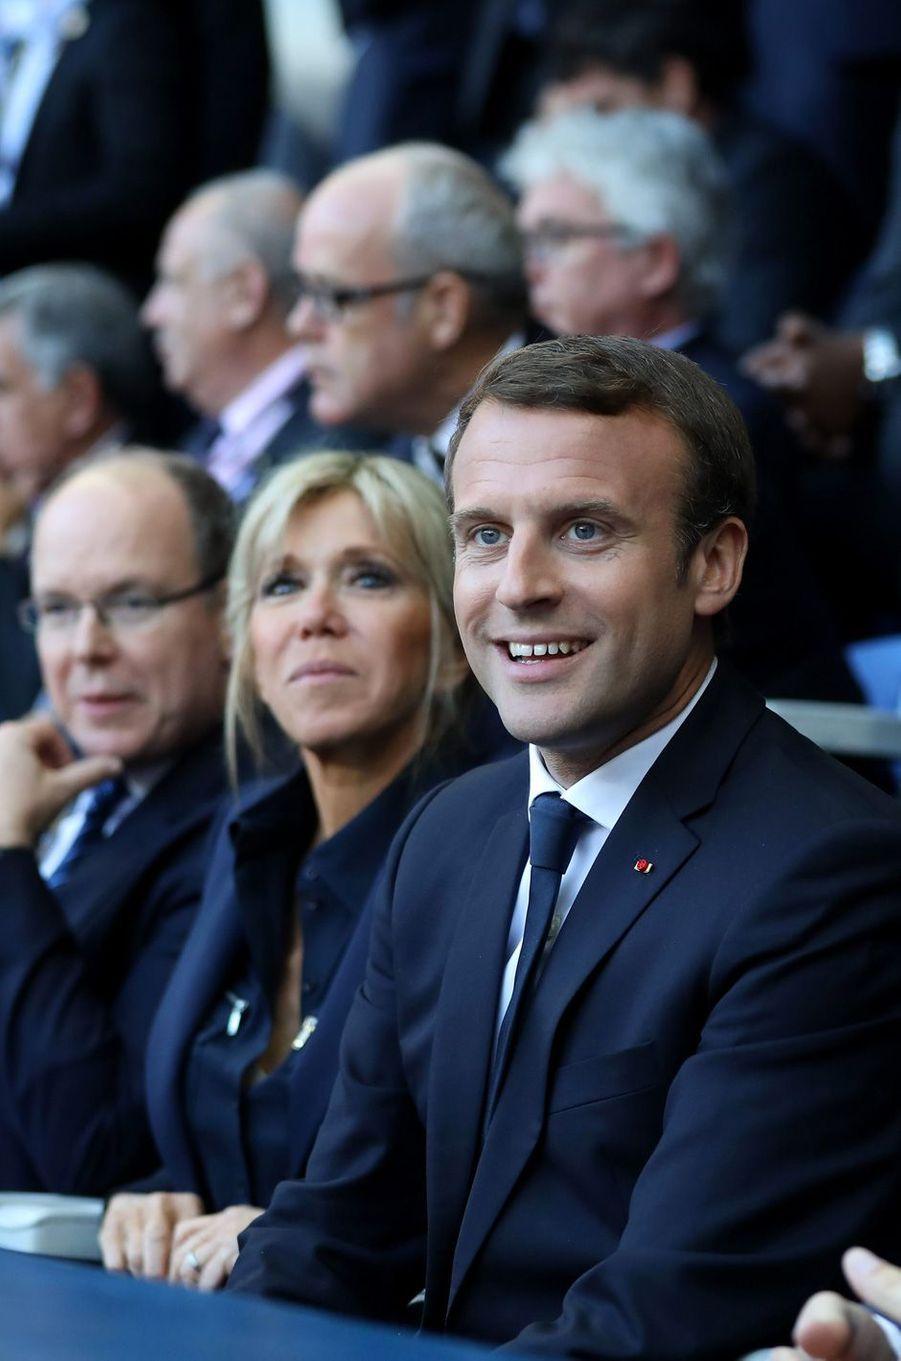 Le prince Albert II de Monaco, Brigitte Macron et Emmanuel Macron dimanche soir au Stade de France pour la finale du Top 14 entre Clermont et Toulon.